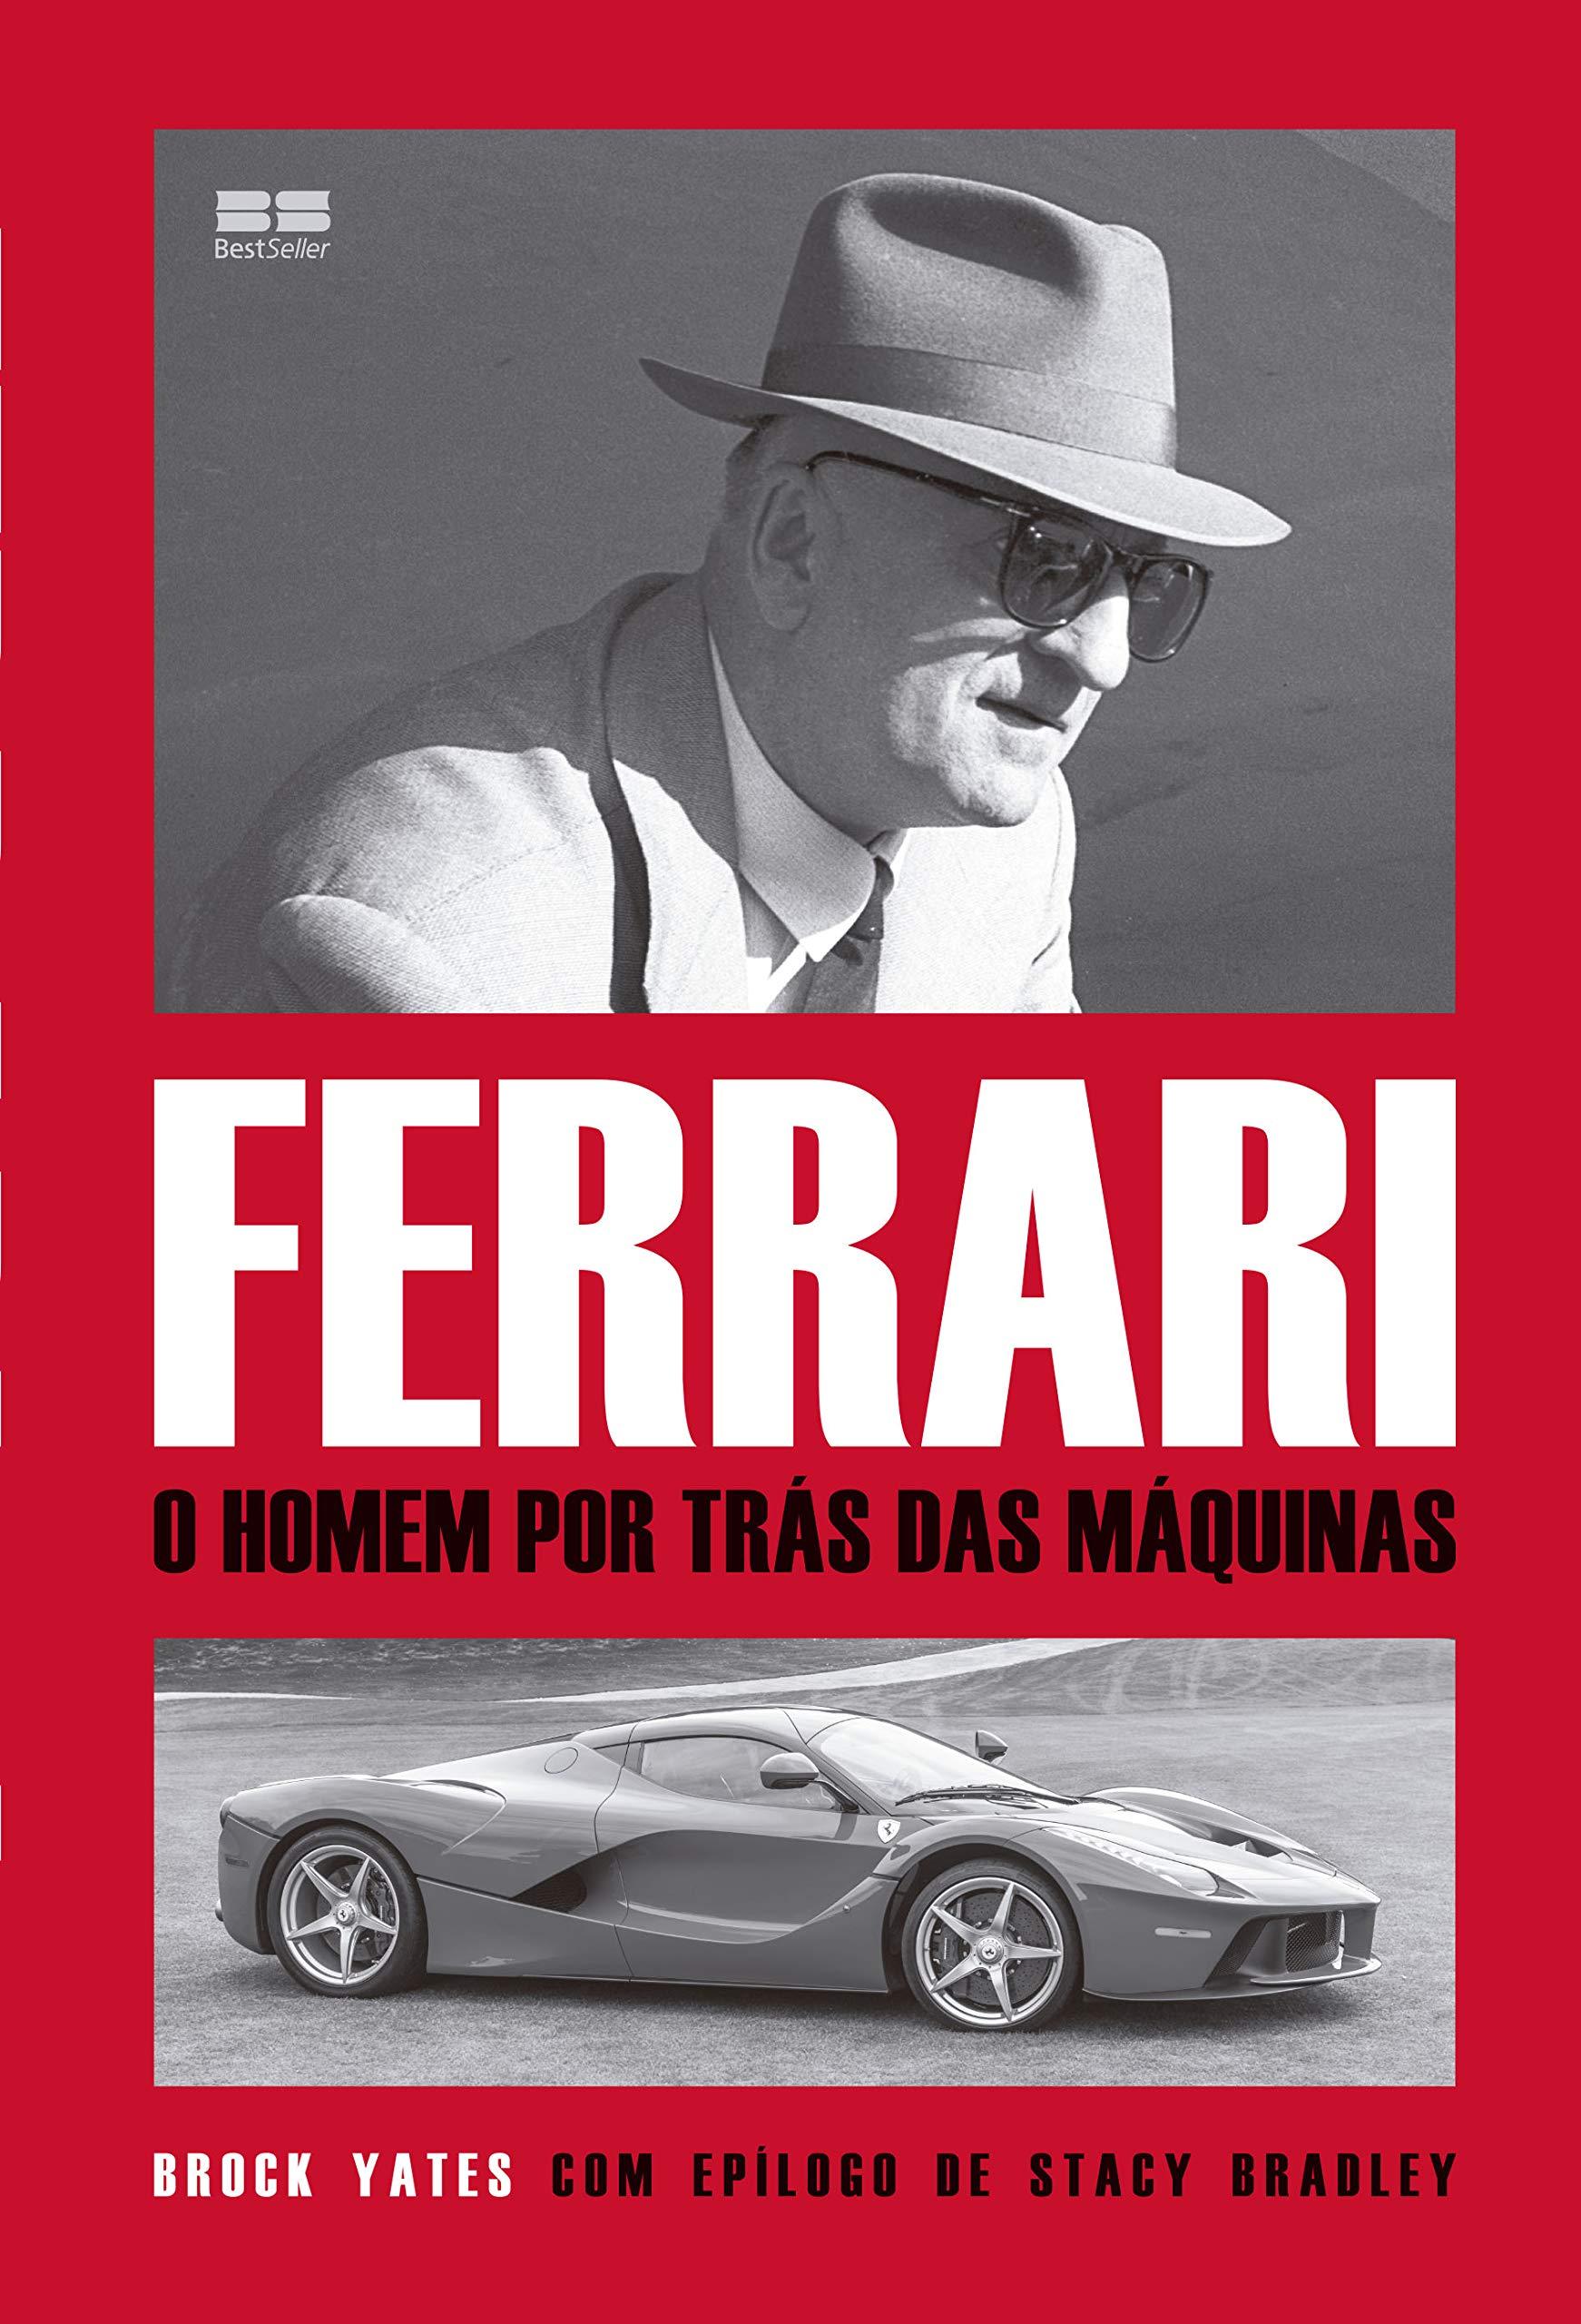 Ferrari -  O Homen por trás das máquinas